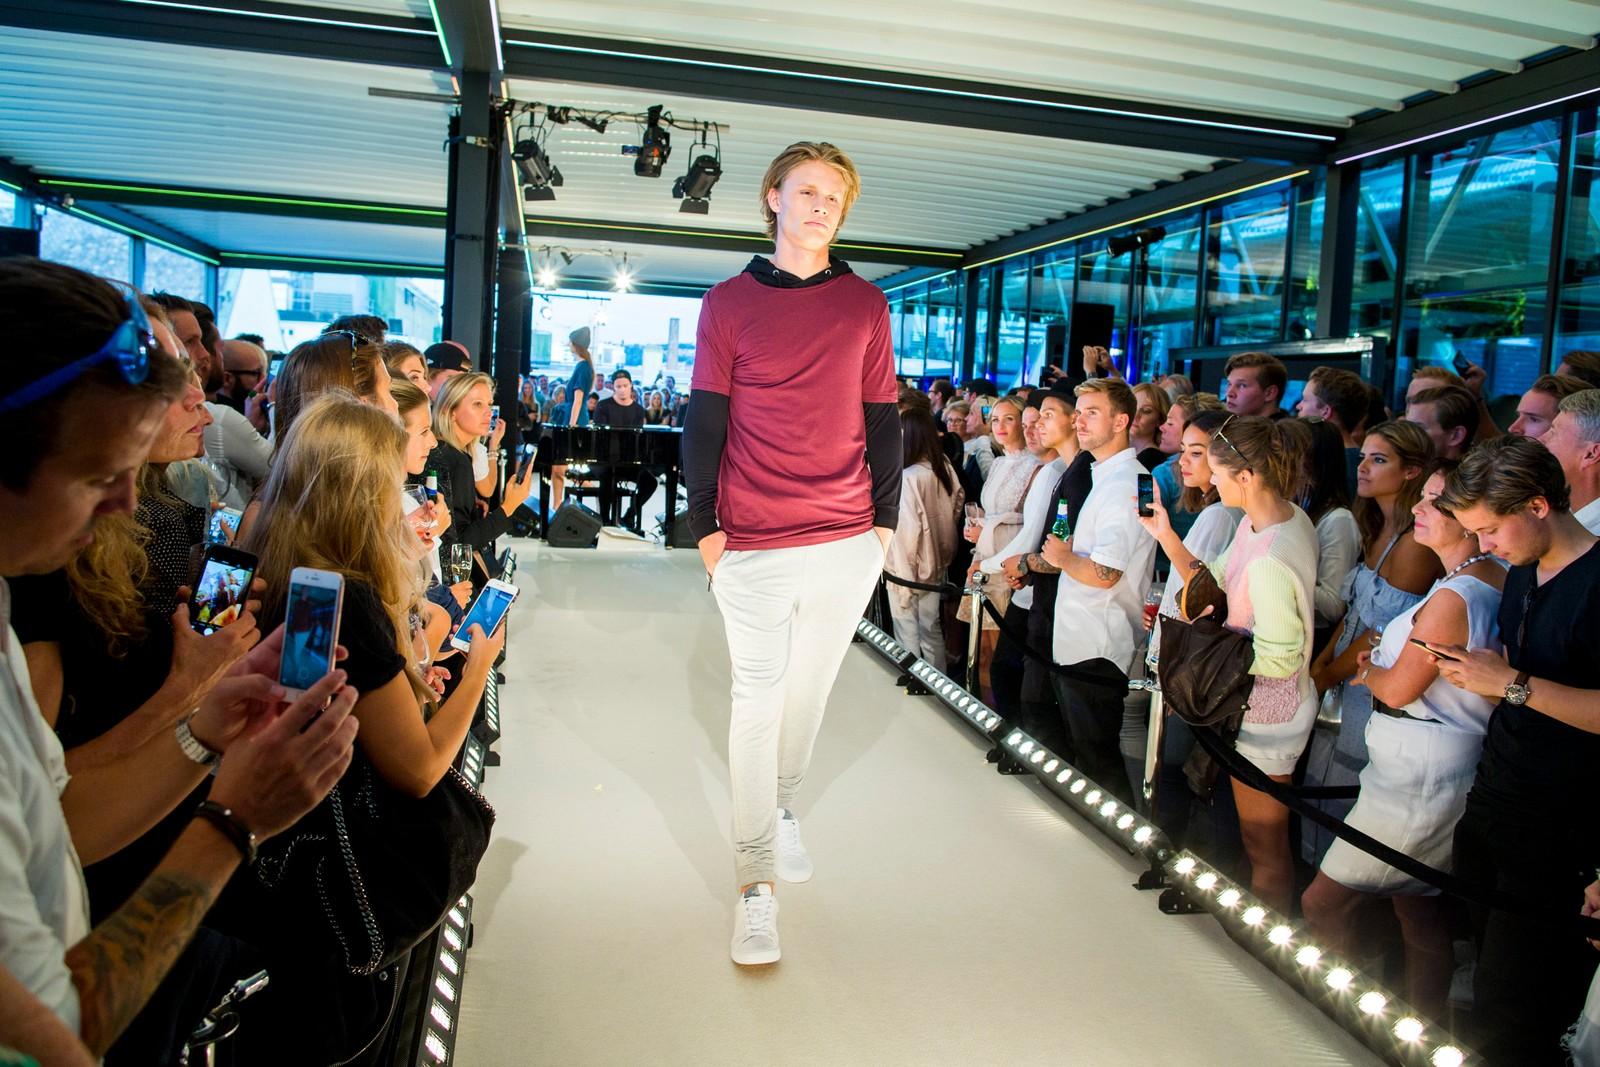 Kleskolleksjon Kygo Life ble lansert på Steen og Strøm i Oslo onsdag kveld. Kygo selv spiller på pianoet i bakgrunnen.